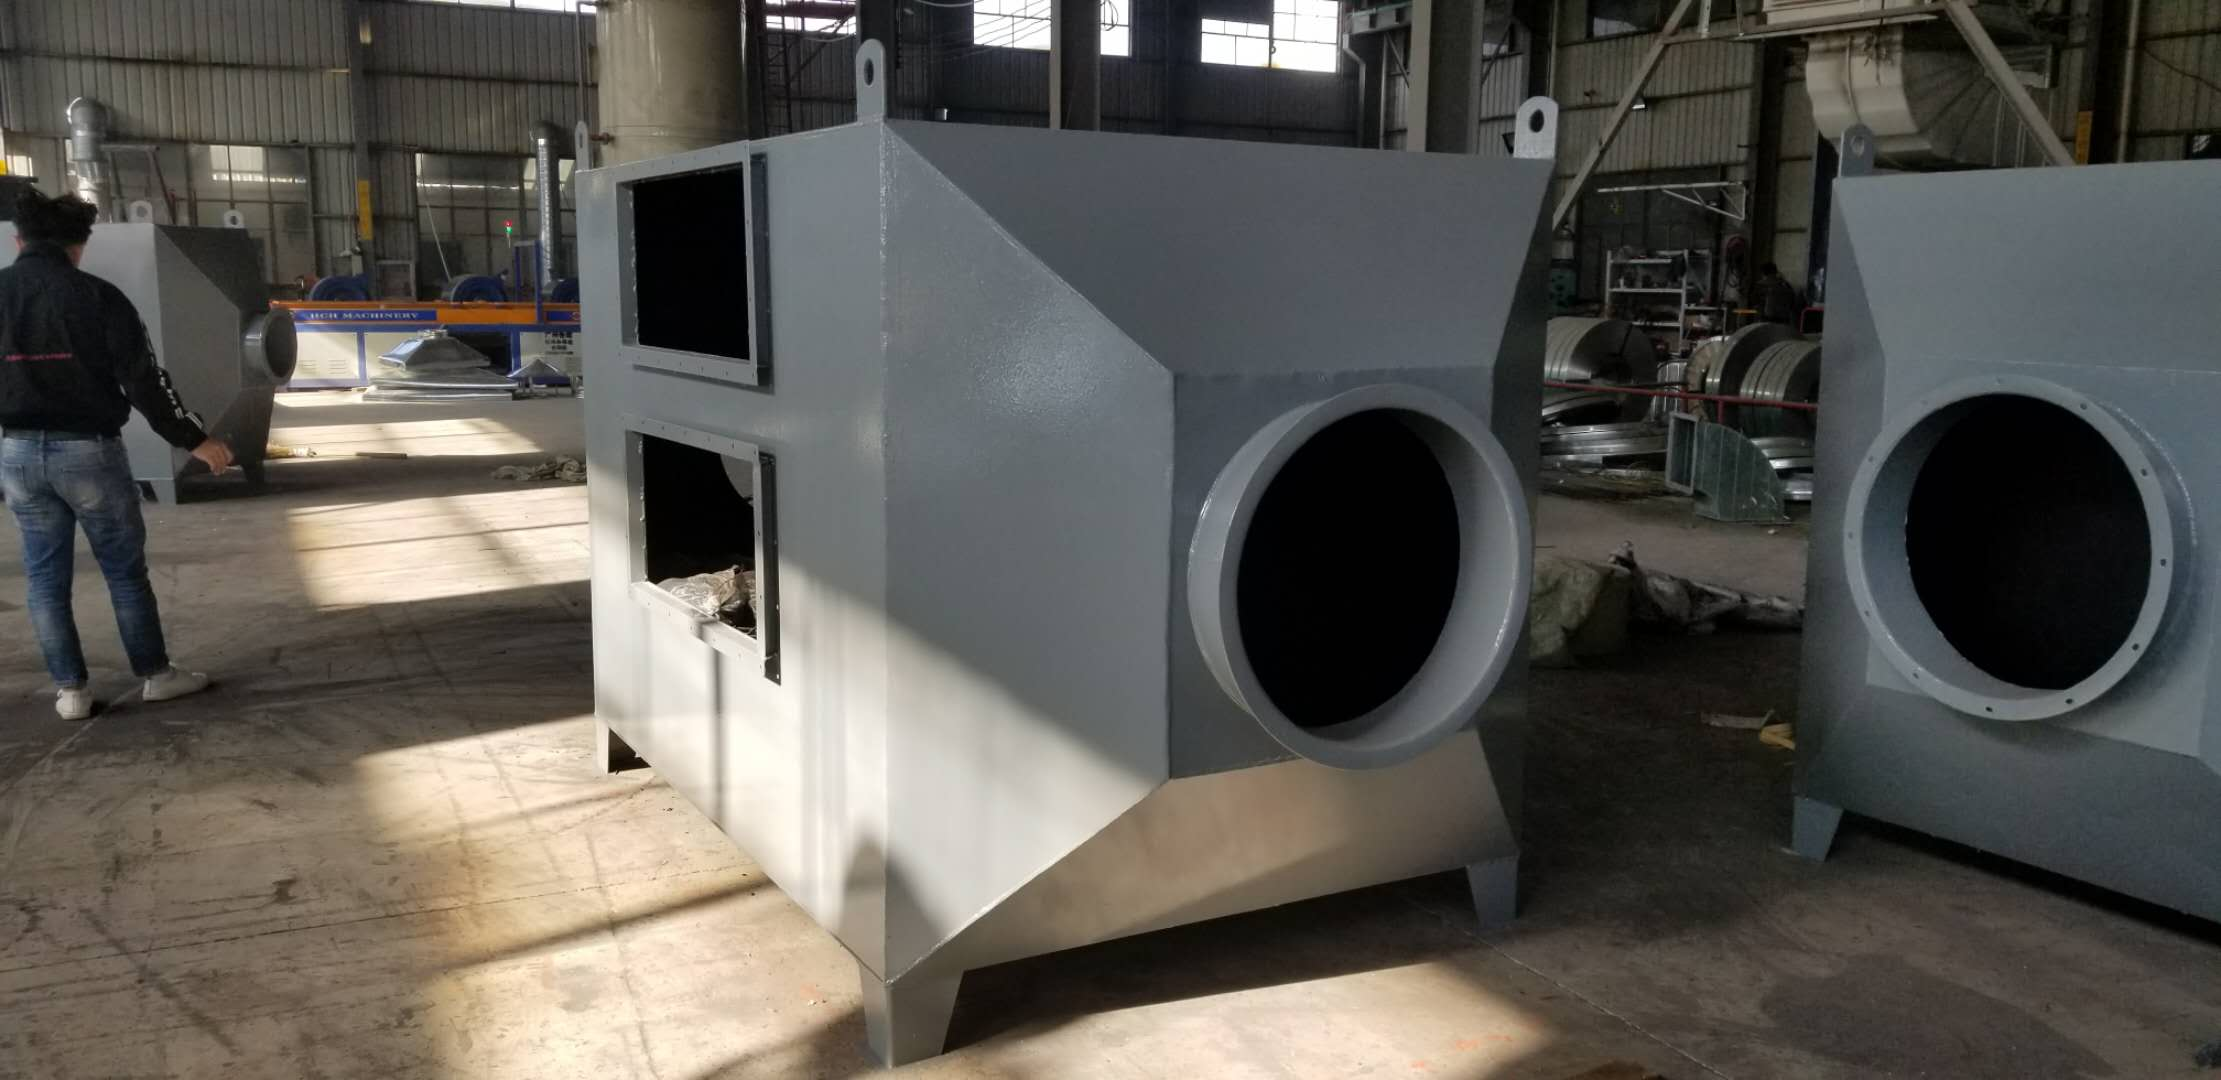 宁波环保设备品牌_宁波环保设备_宁波环保设备厂家